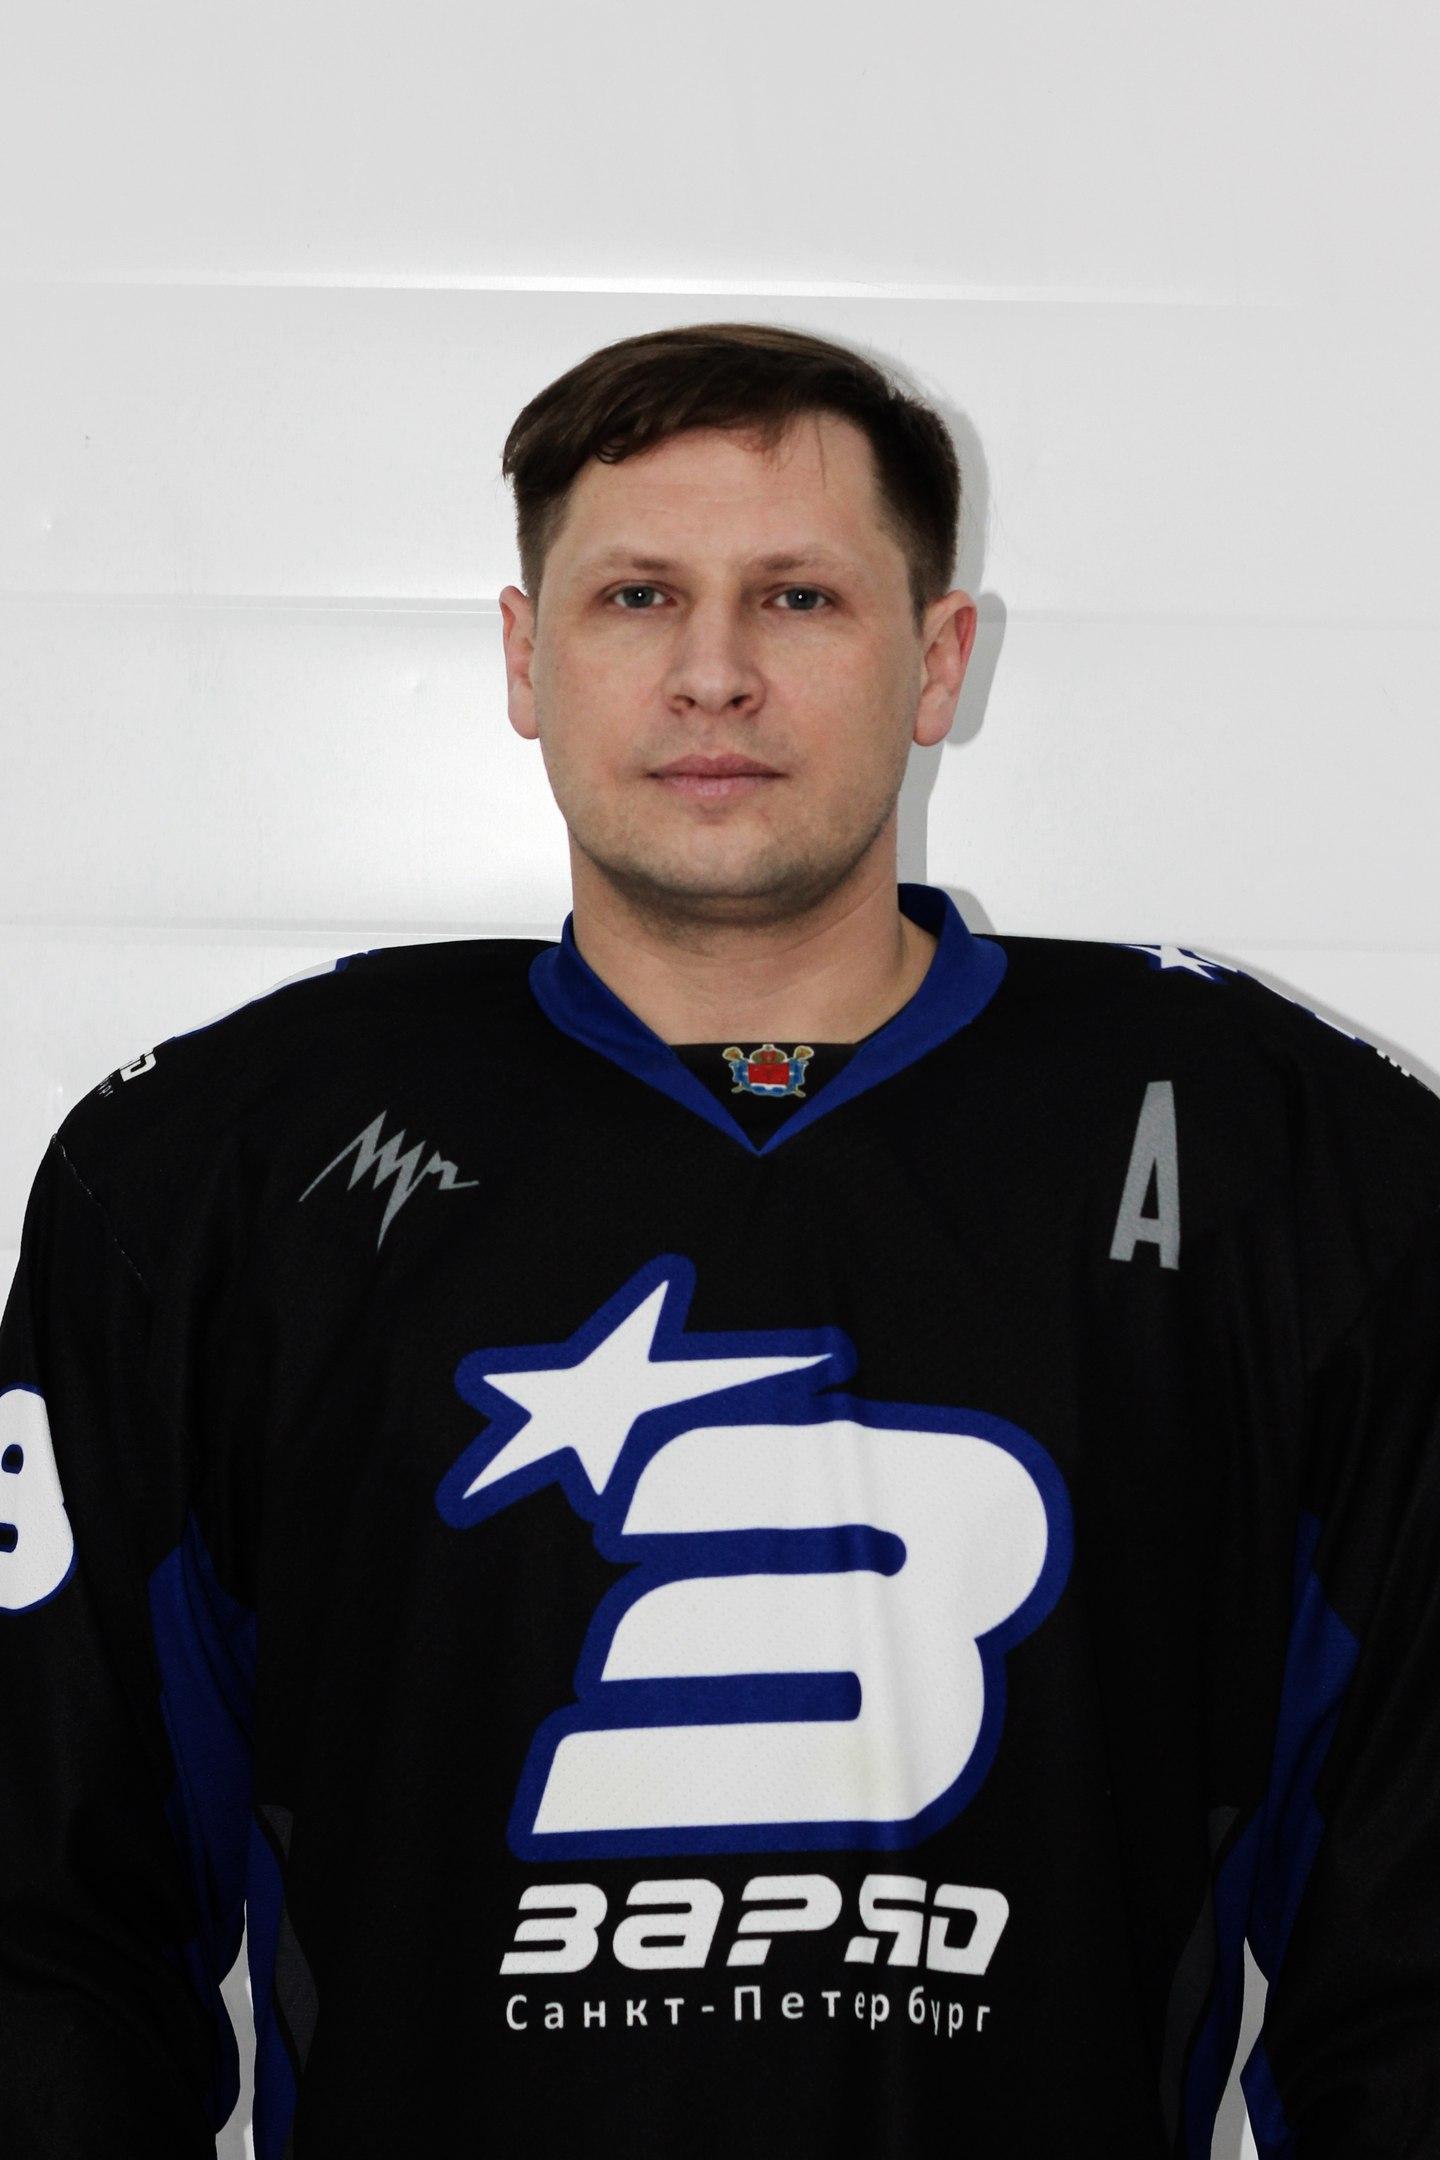 Дмитрий Байков